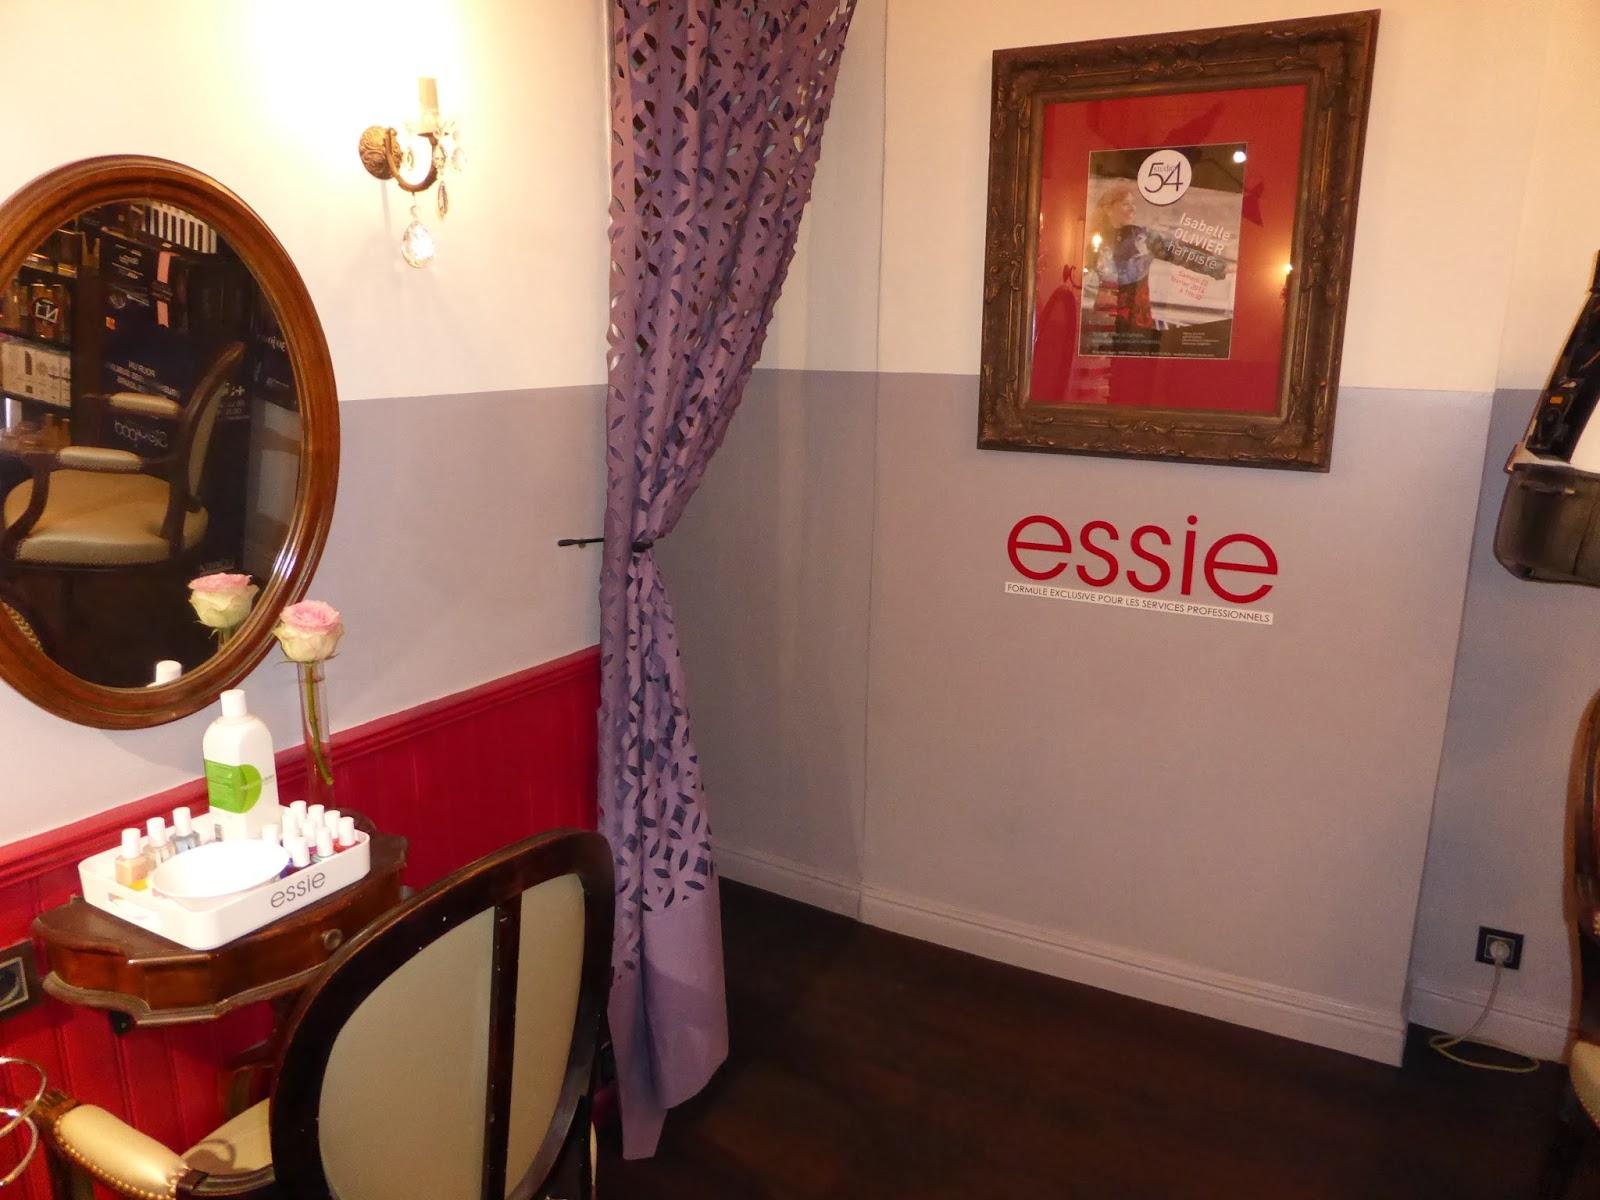 Le Studio 54 mets à disposition de quoi réaliser votre manucure et tester une dizaine de vernis Essie pendant la pose de votre couleur, de vos mèches, de votre balayage ou de votre lissage.